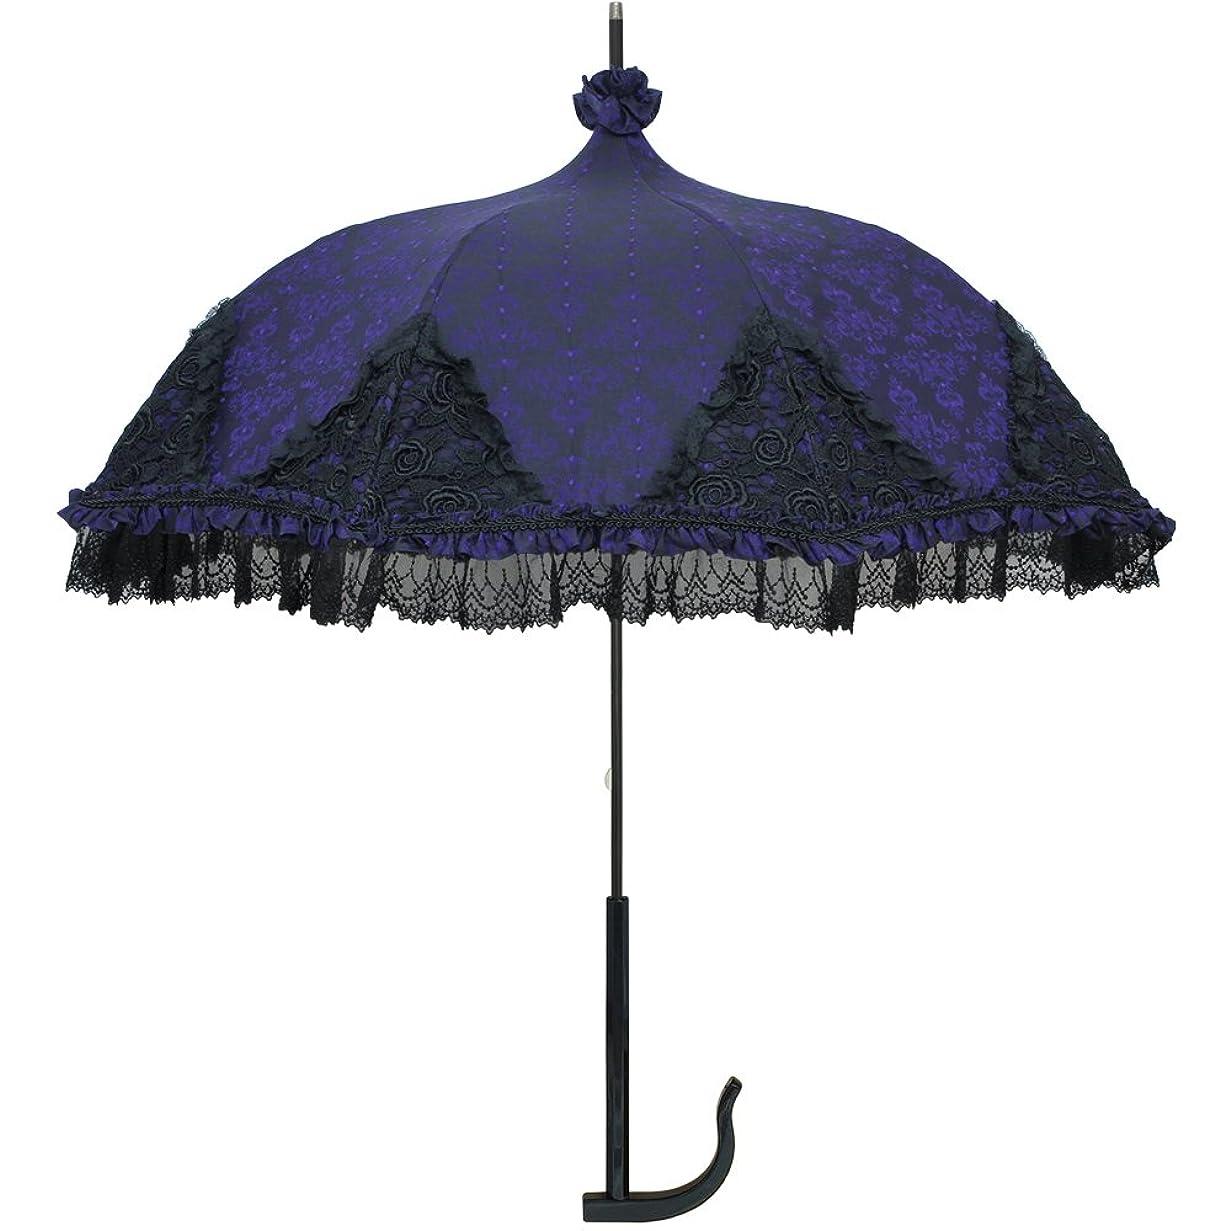 資料理想的状ルミエーブル 長傘 手開き ラグジュアリー シャンデリア 高級パゴタアンブレラ 全3色 パープル 8本骨 47cm UVカット率 99.0%以上 グラスファイバー骨 日傘/晴雨兼用傘 0101-16001